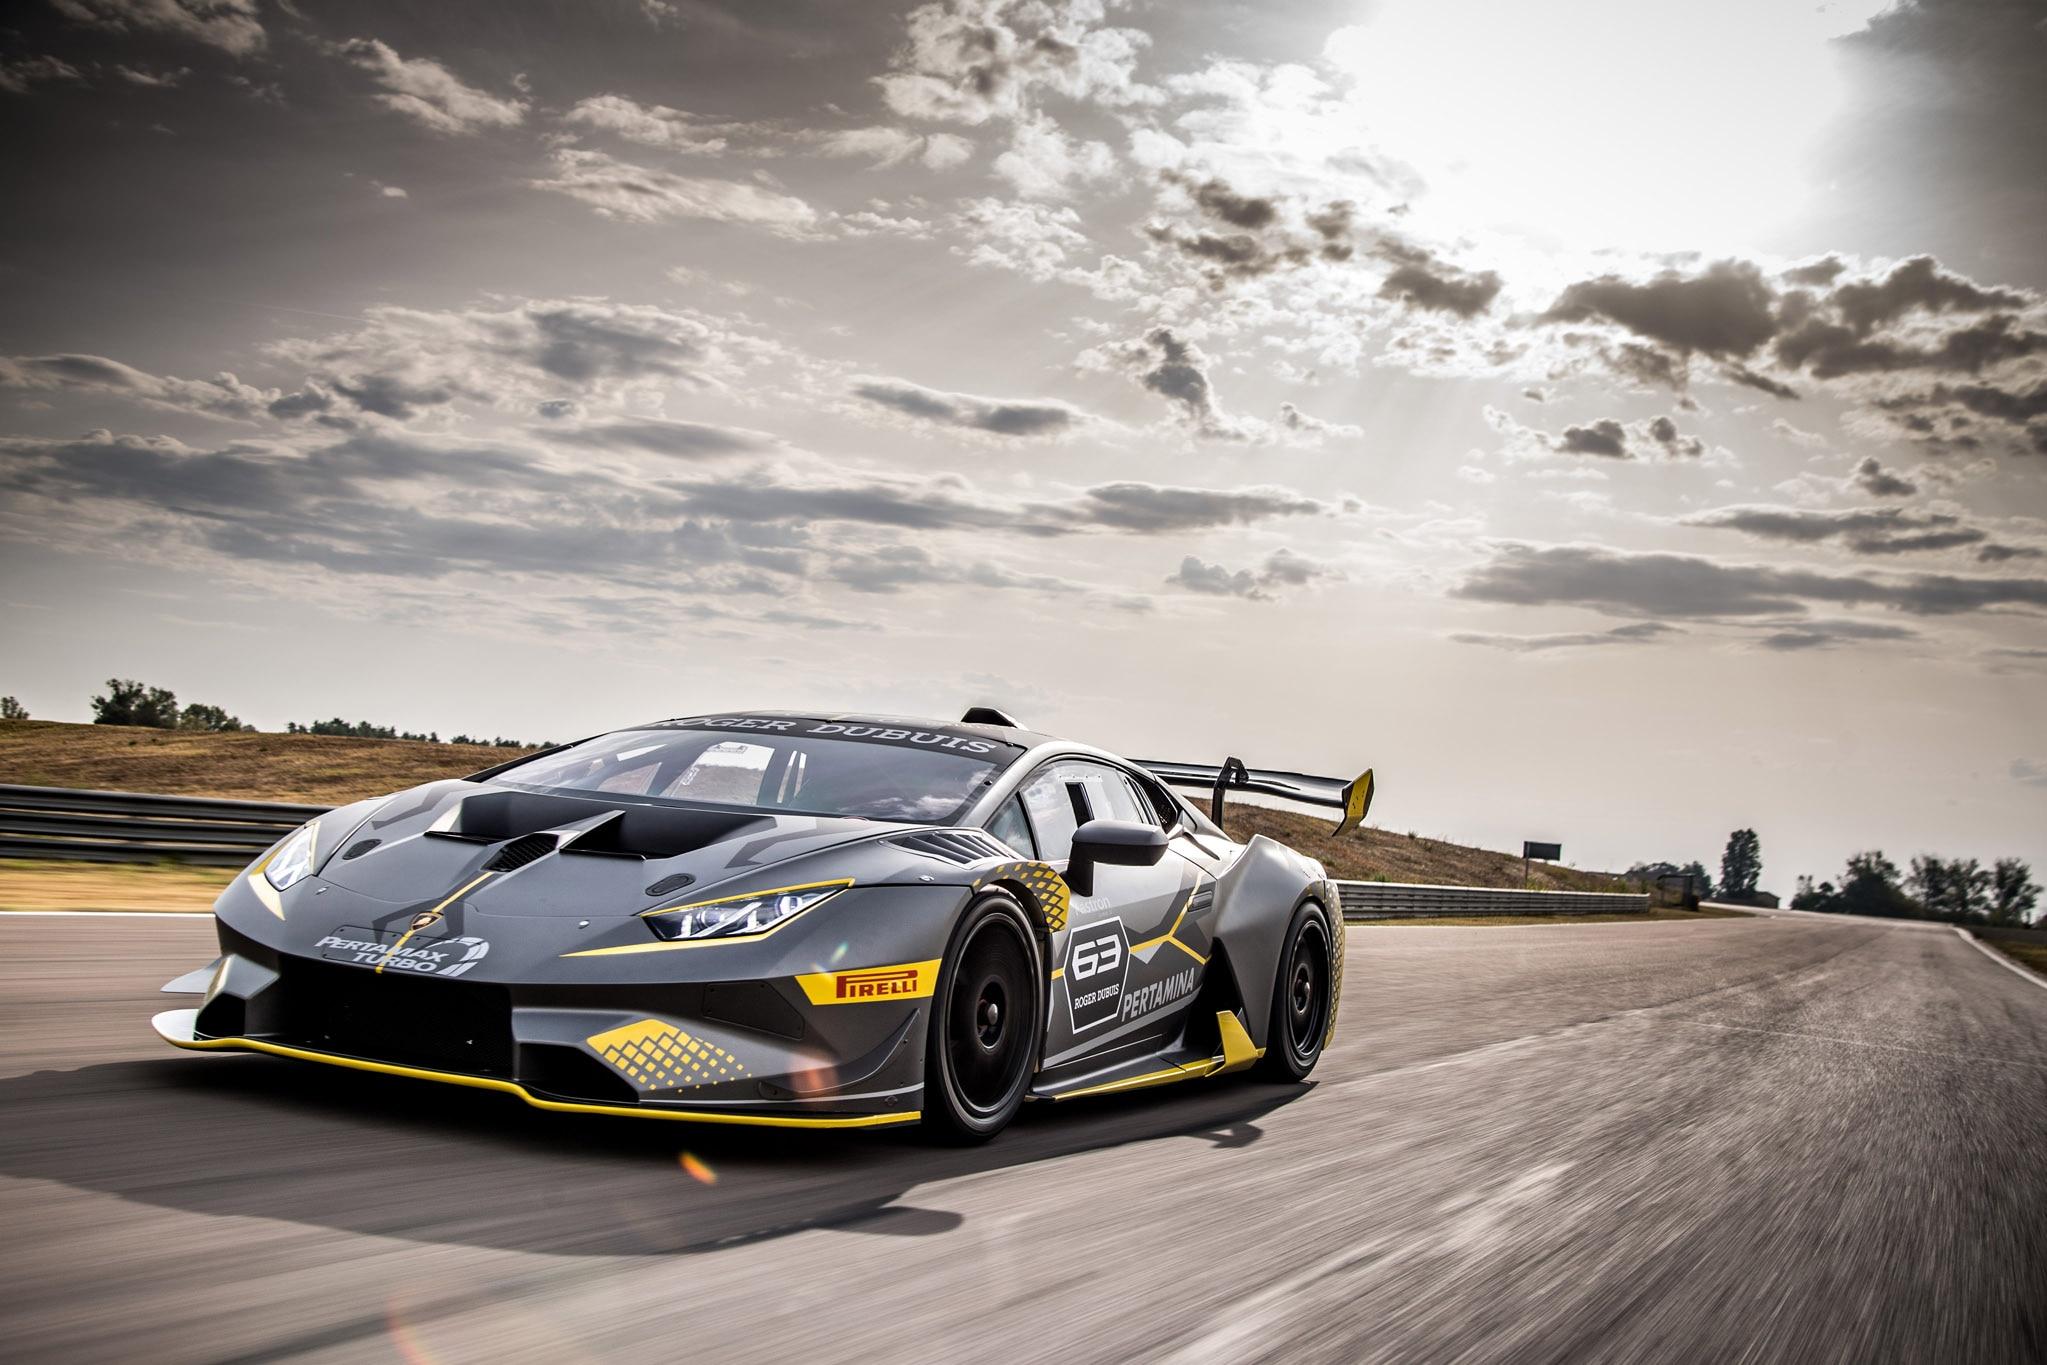 2018 Lamborghini Super Trofeo Evo 11